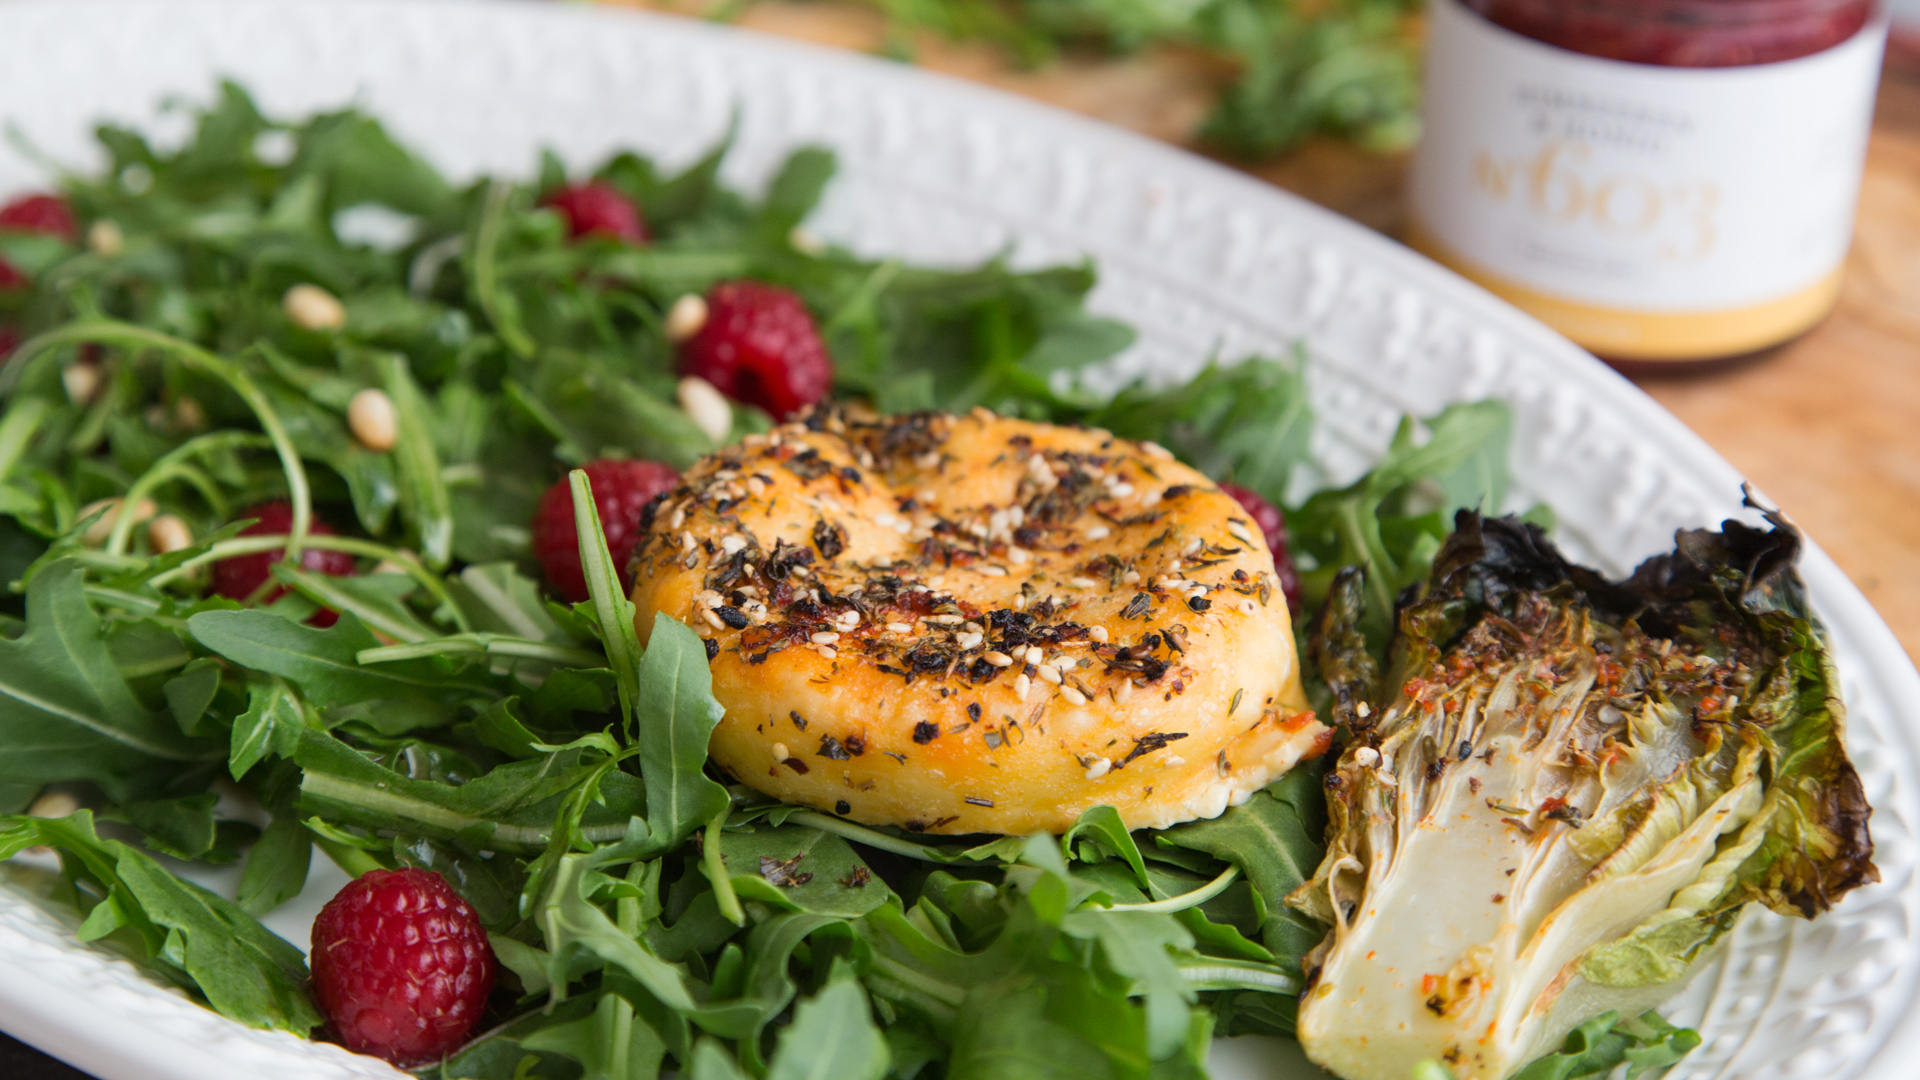 halloumi-mit-himbeer-rucola-salat-honig-rimoco-16x9